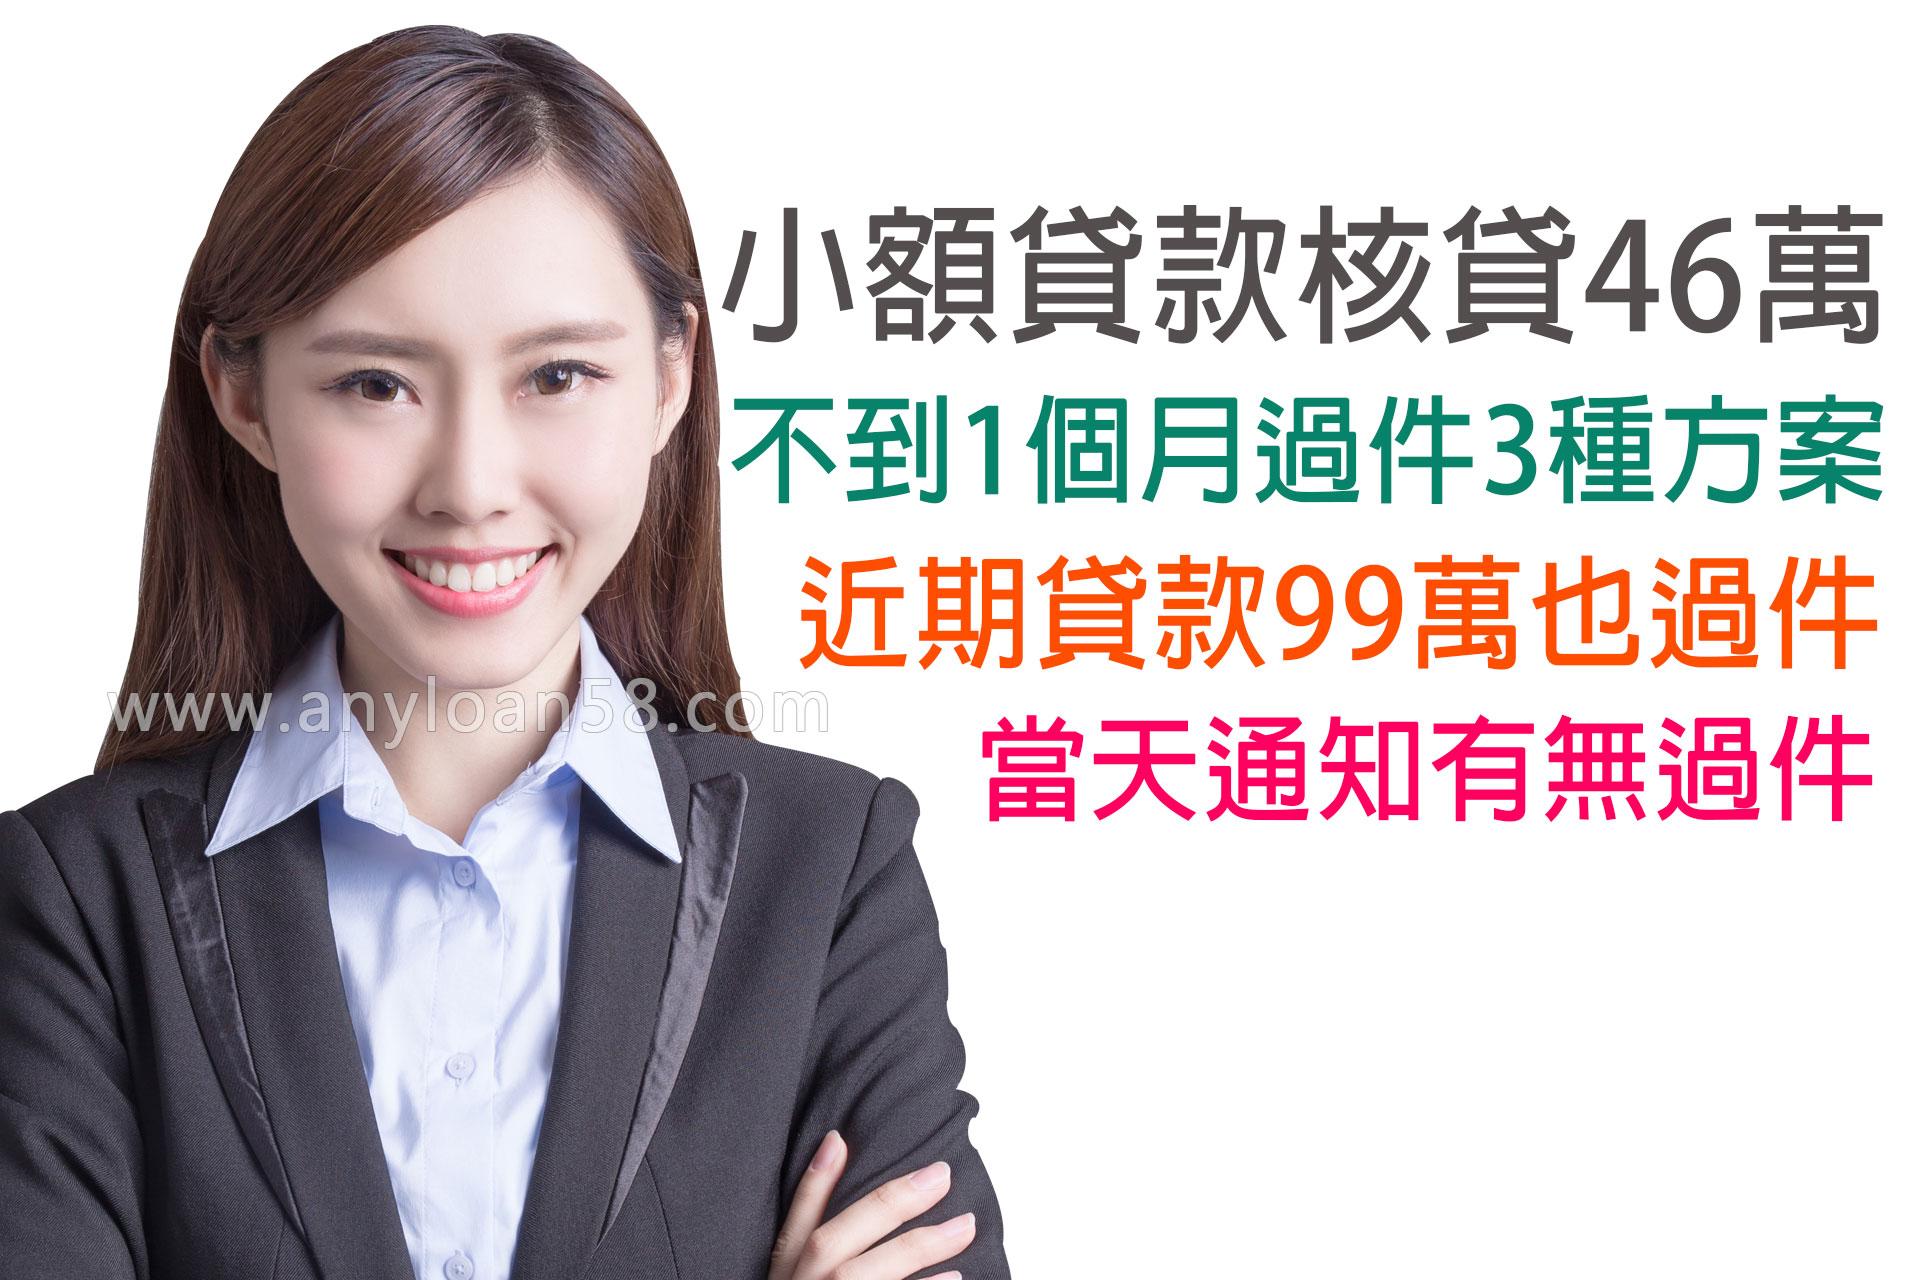 小額貸款1個月內核貸3種方案,銀行退件竟核貸46萬!